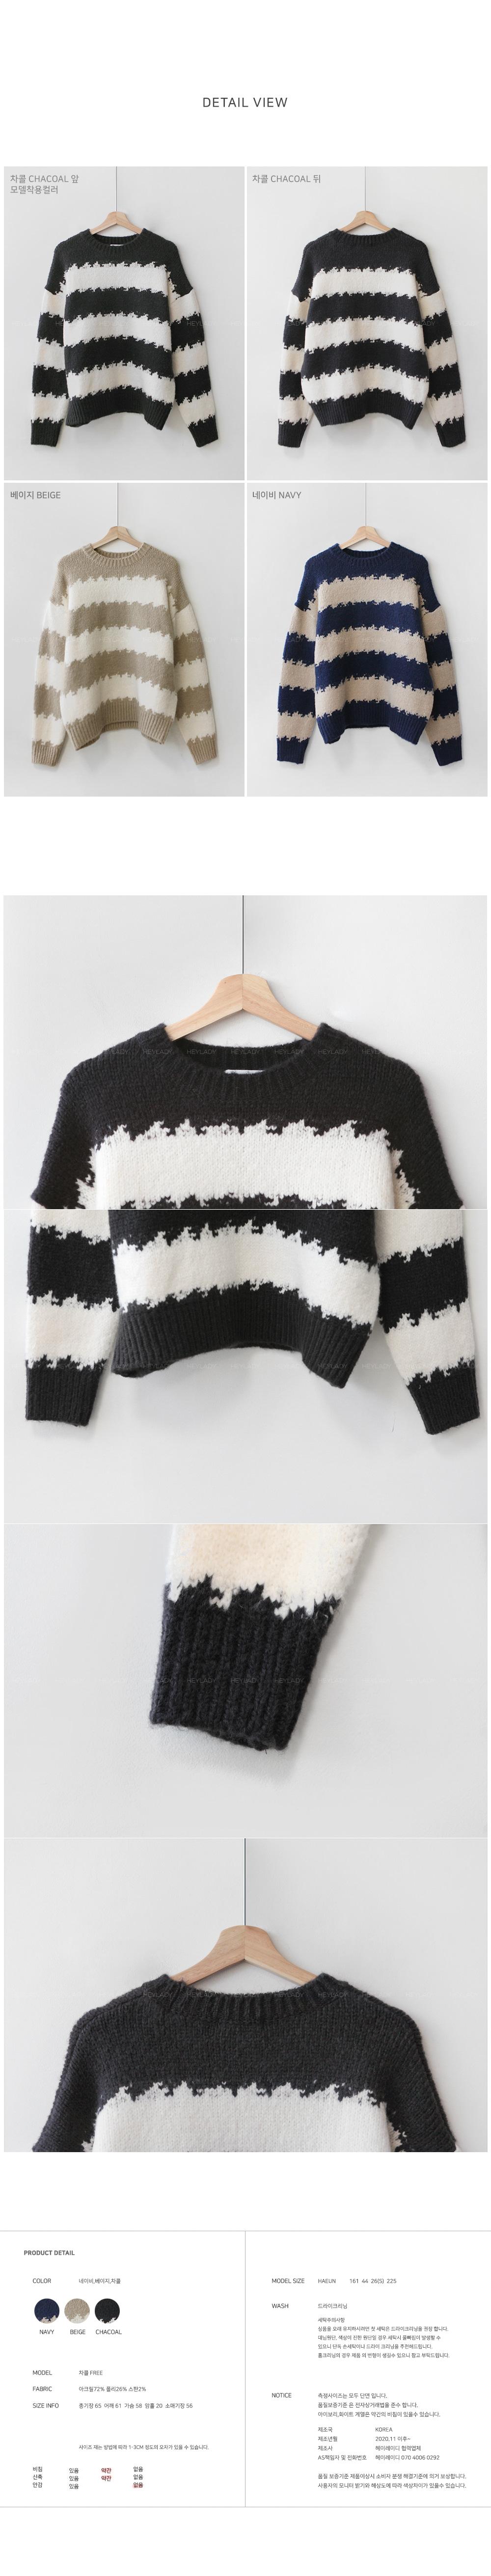 Hardwick Striped Knitwear